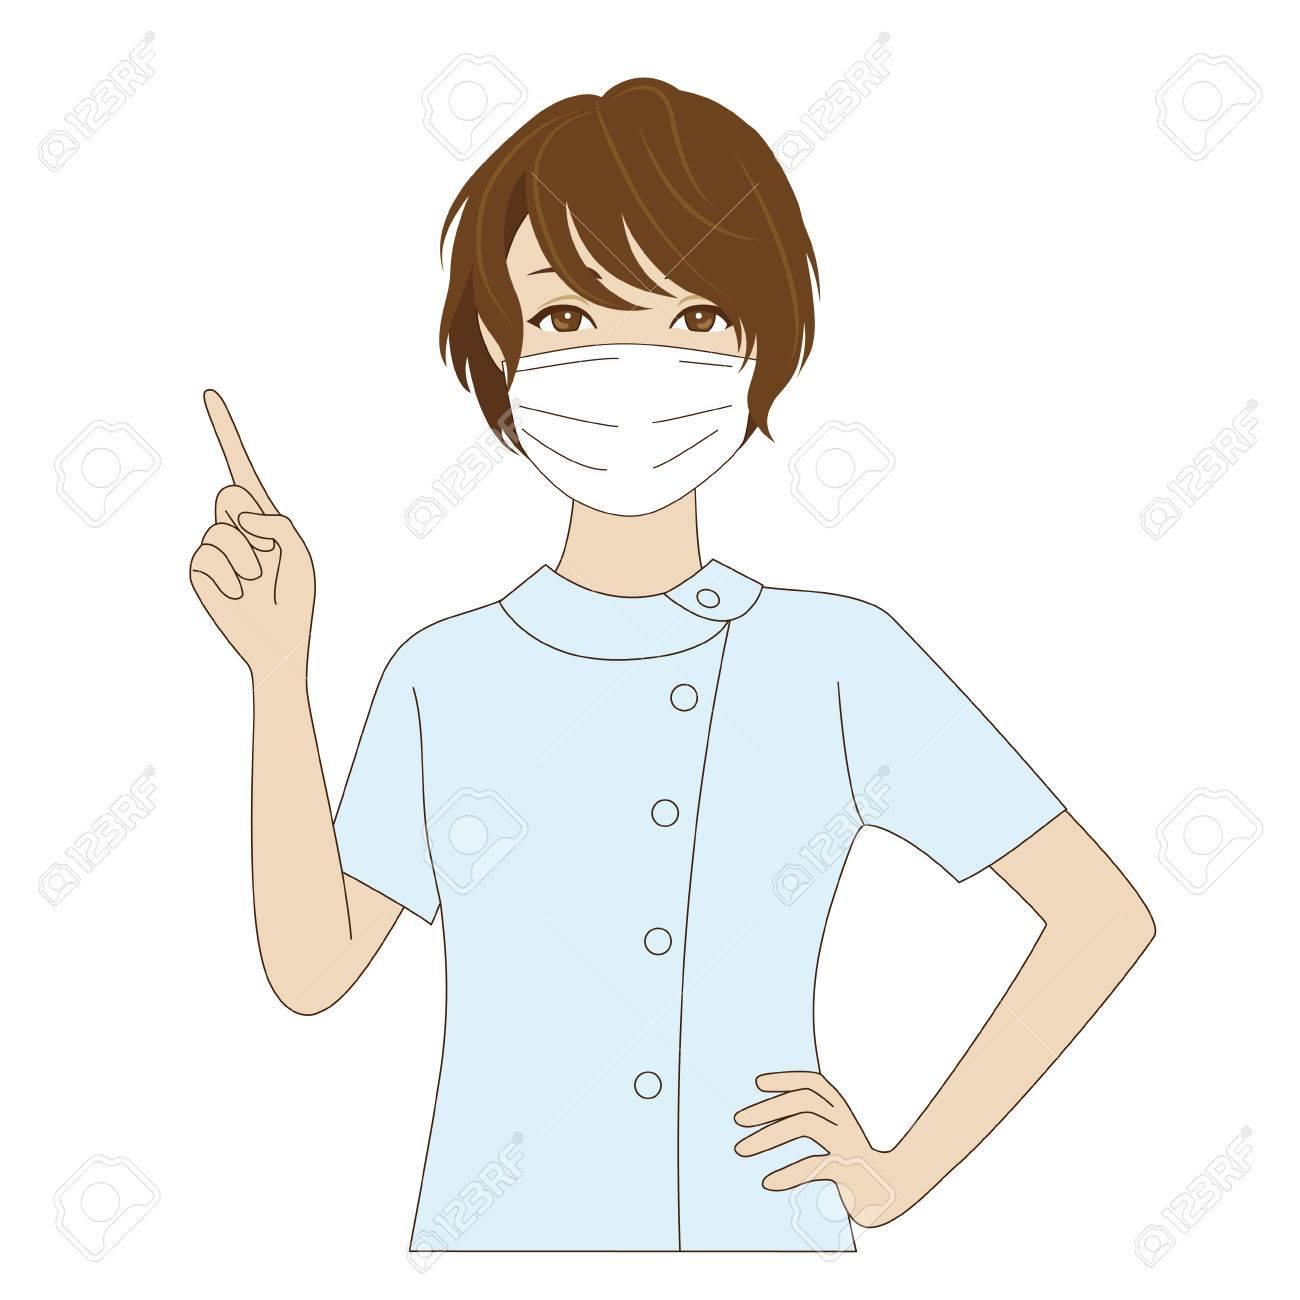 comment acheter assez bon marché grande remise pour Un sourire assistante dentaire féminin avec masque chirurgical en agitant  sa main